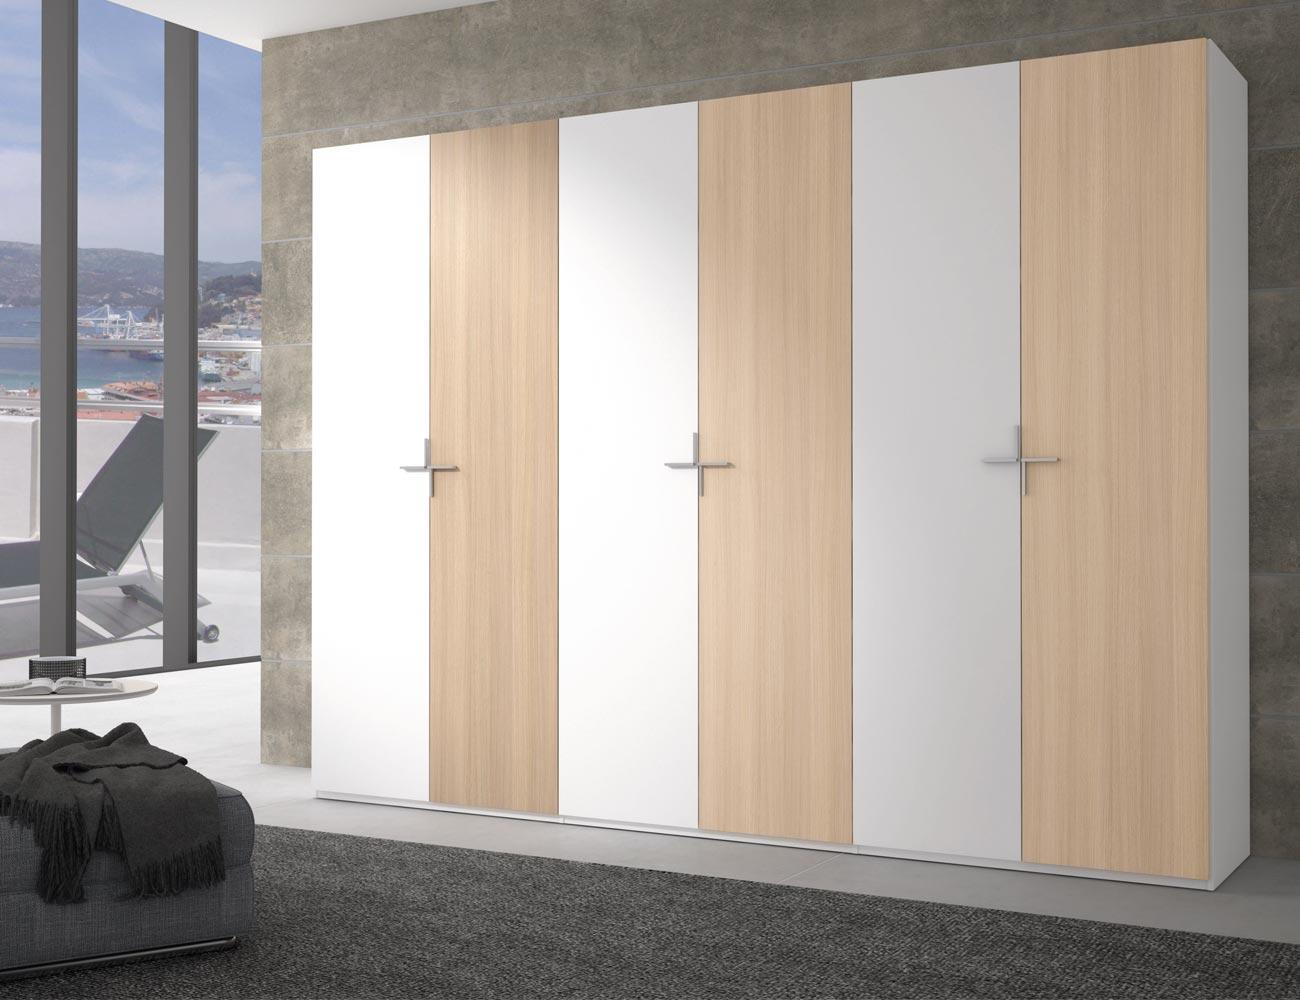 Armario puertas abatibles blanco roble5